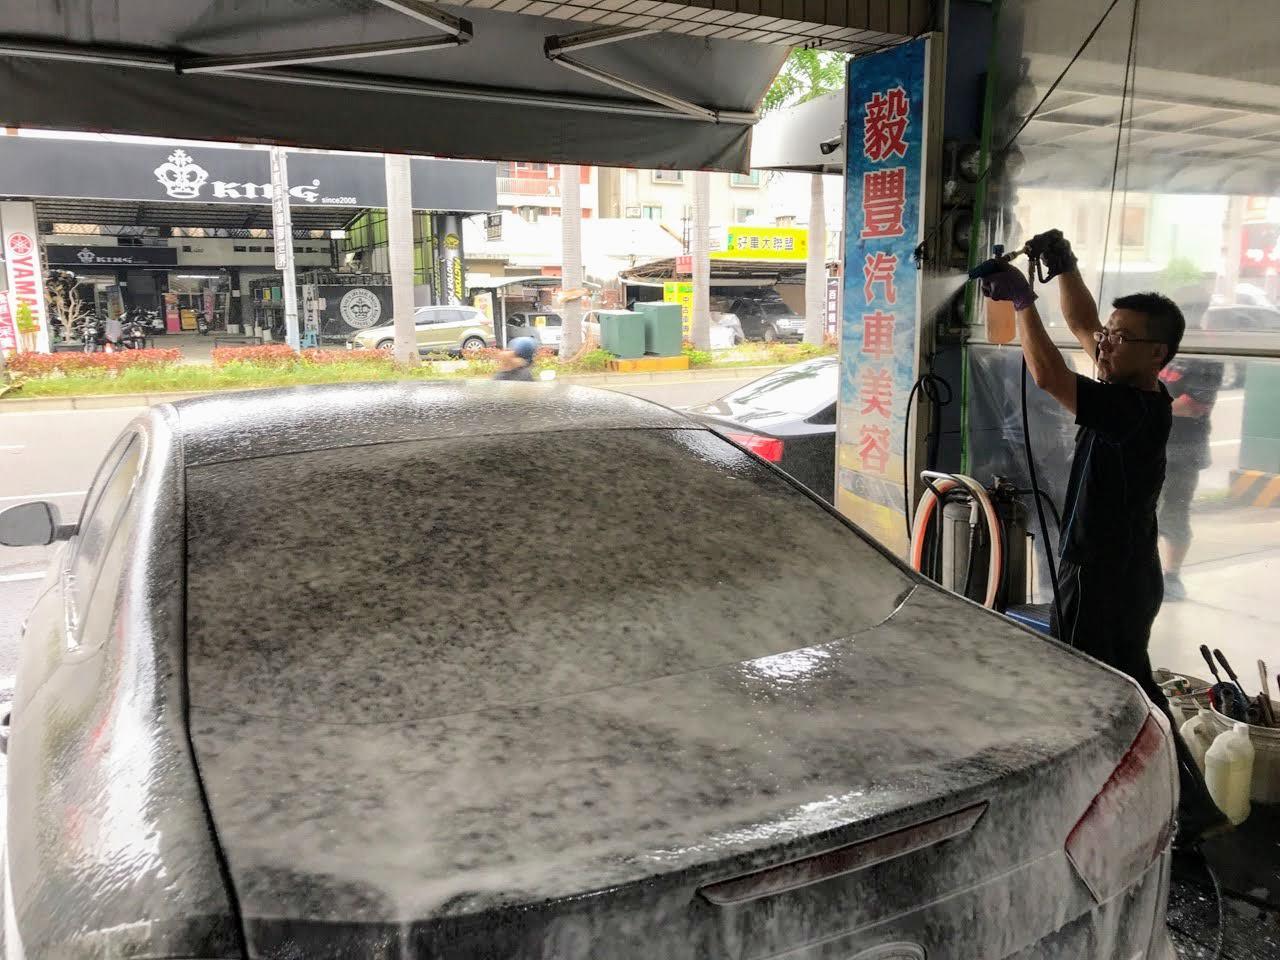 【台南|東區】毅豐汽車美容|美容前後差超多|台南鍍膜推薦|台南汽車美容